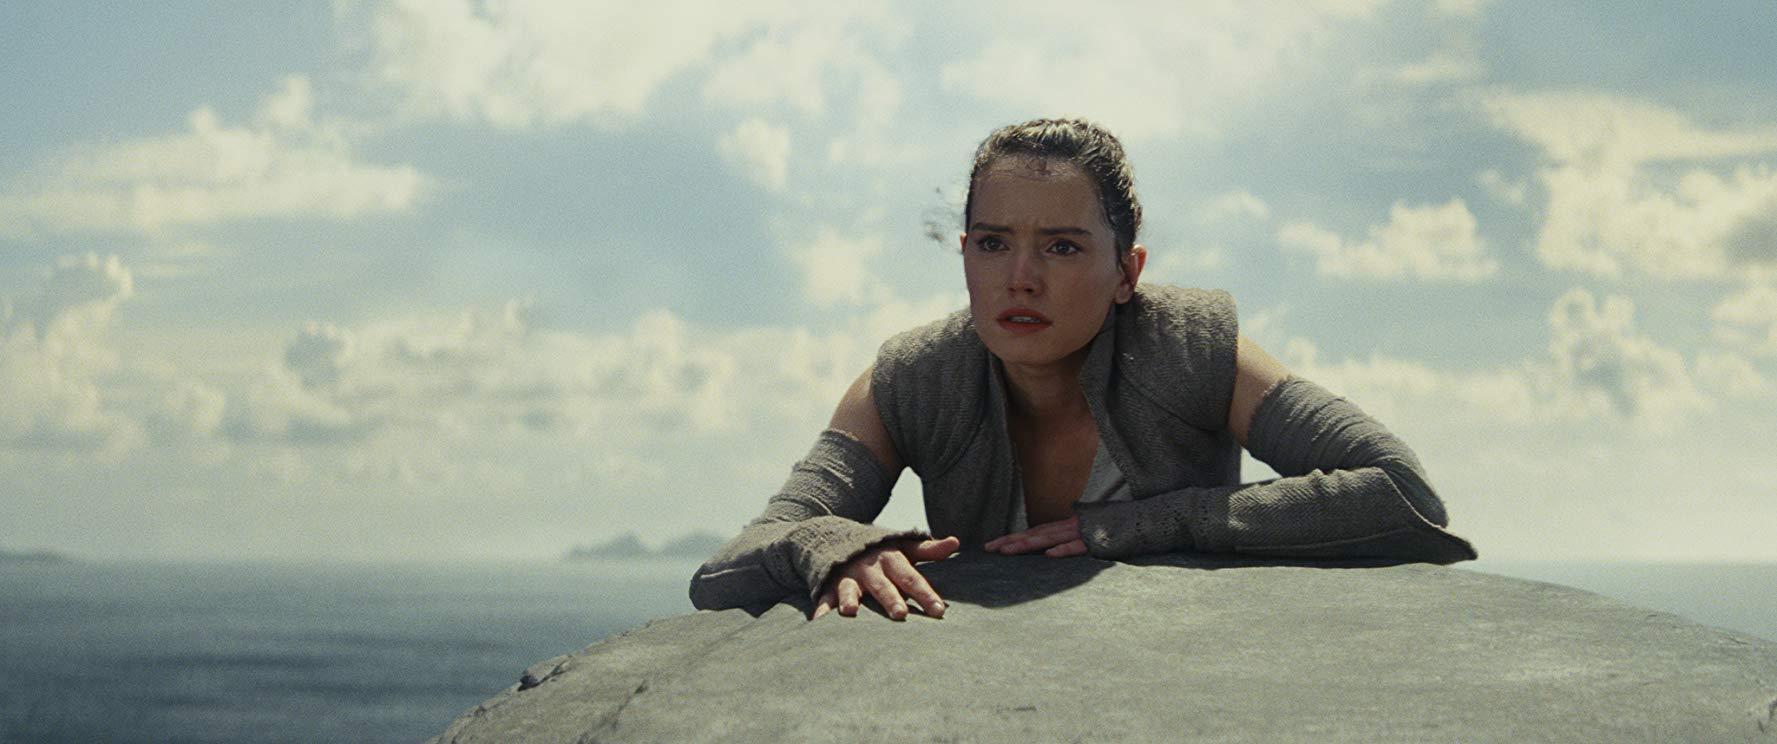 Reseña de Star Wars: Los Últimos Jedi - Star Wars: The Last Jedi (2017)